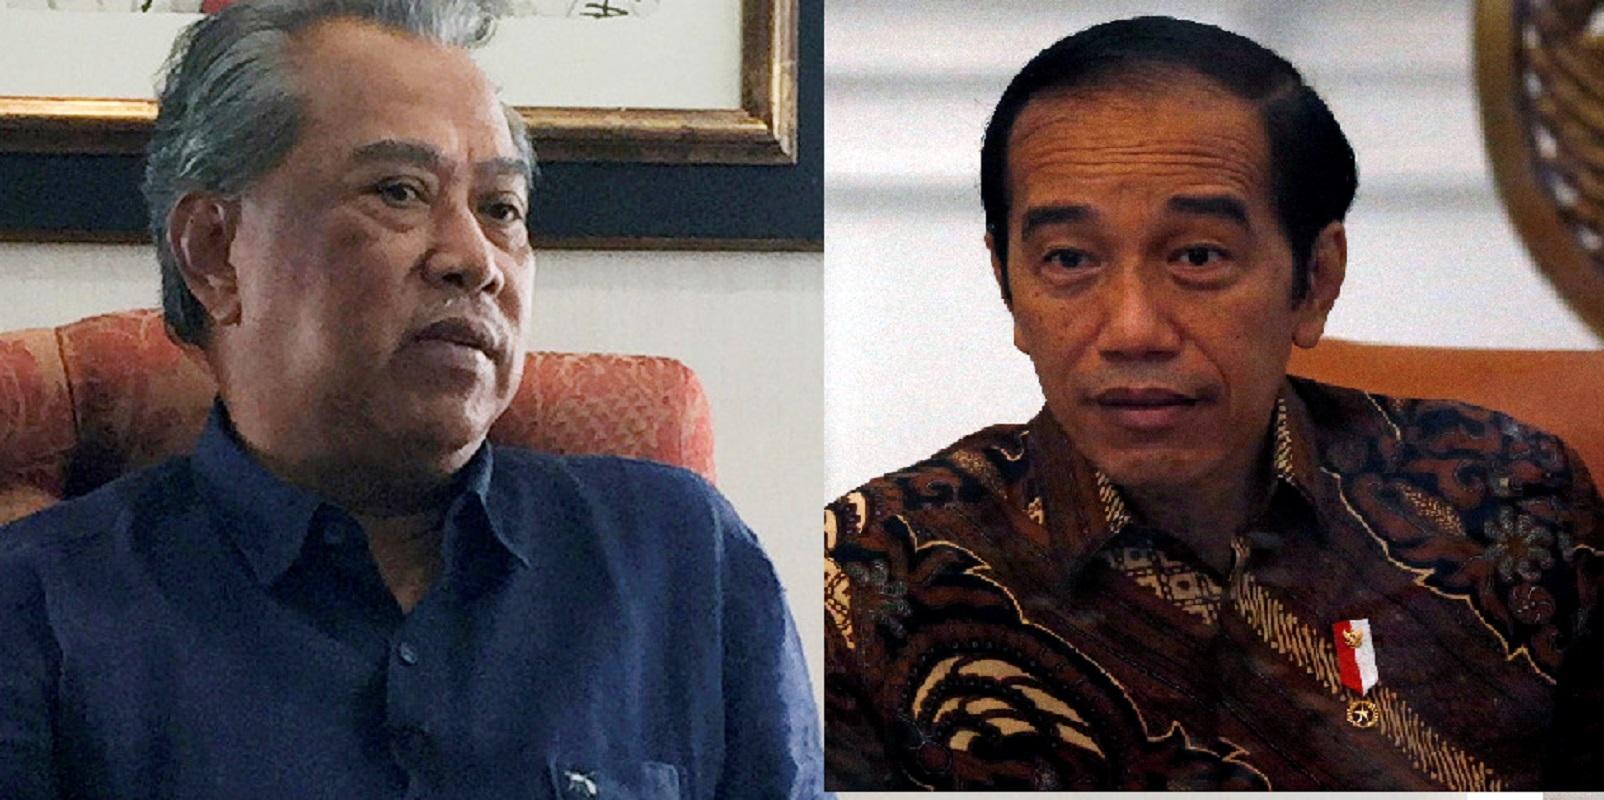 إندونيسيا وماليزيا تدعوان مجلس الأمن الدولي للتدخل ووقف الضربات الجوية الإسرائيلية على غزة